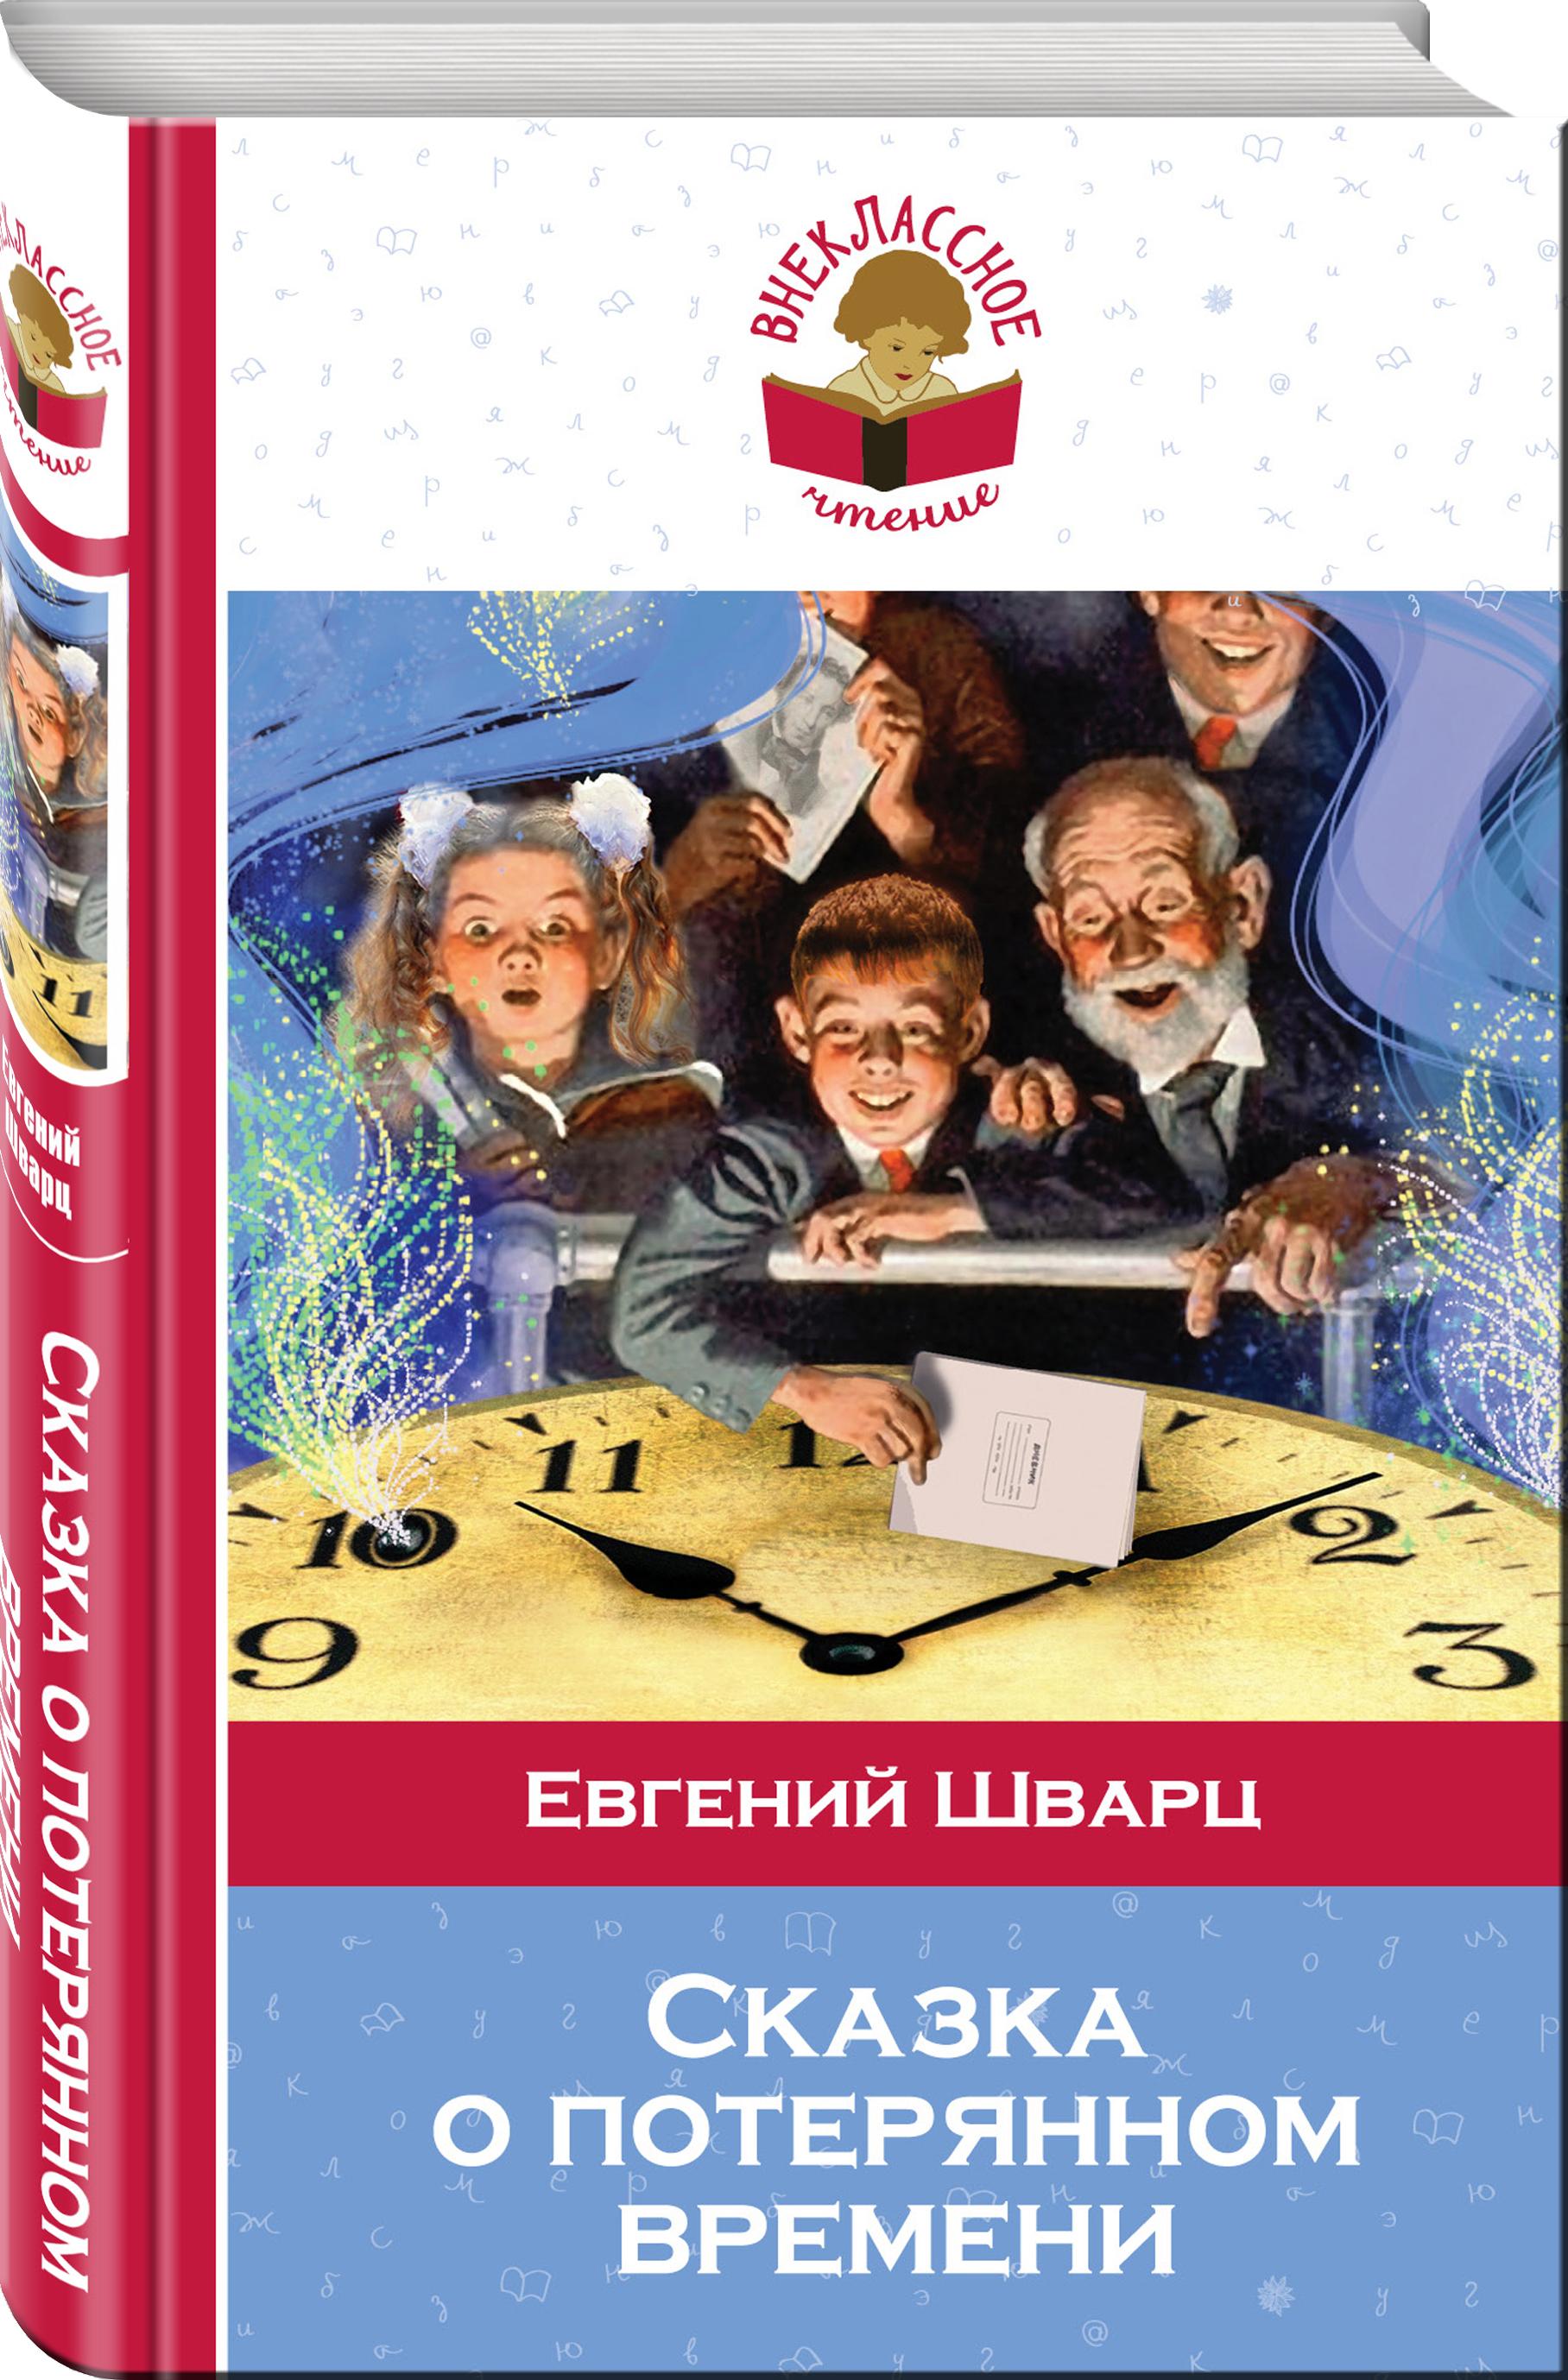 Евгений Шварц Сказка о потерянном времени шварц е л сказка о потерянном времени сказки пьесы